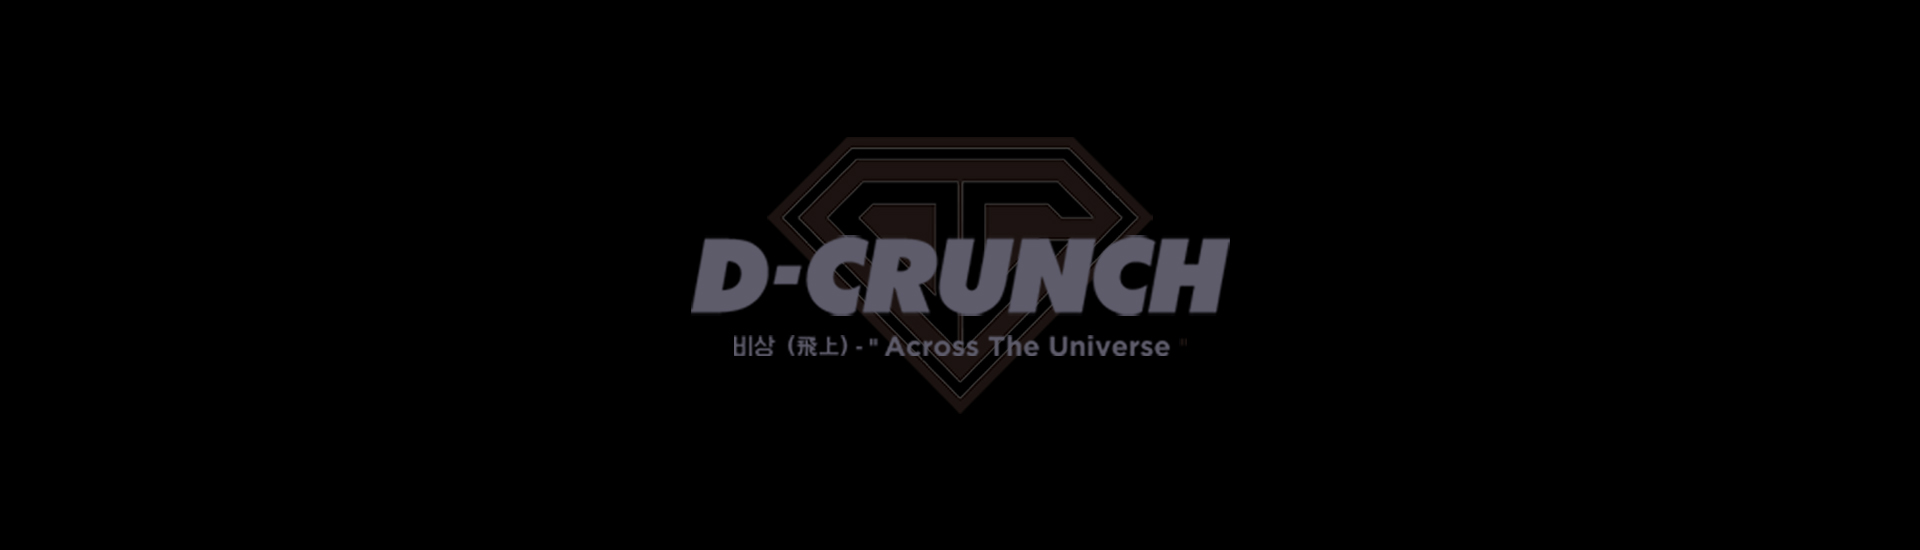 D-CRUNCH - D-CRUNCH X MMT GLOBAL ONLINE FANSIGN EVENT